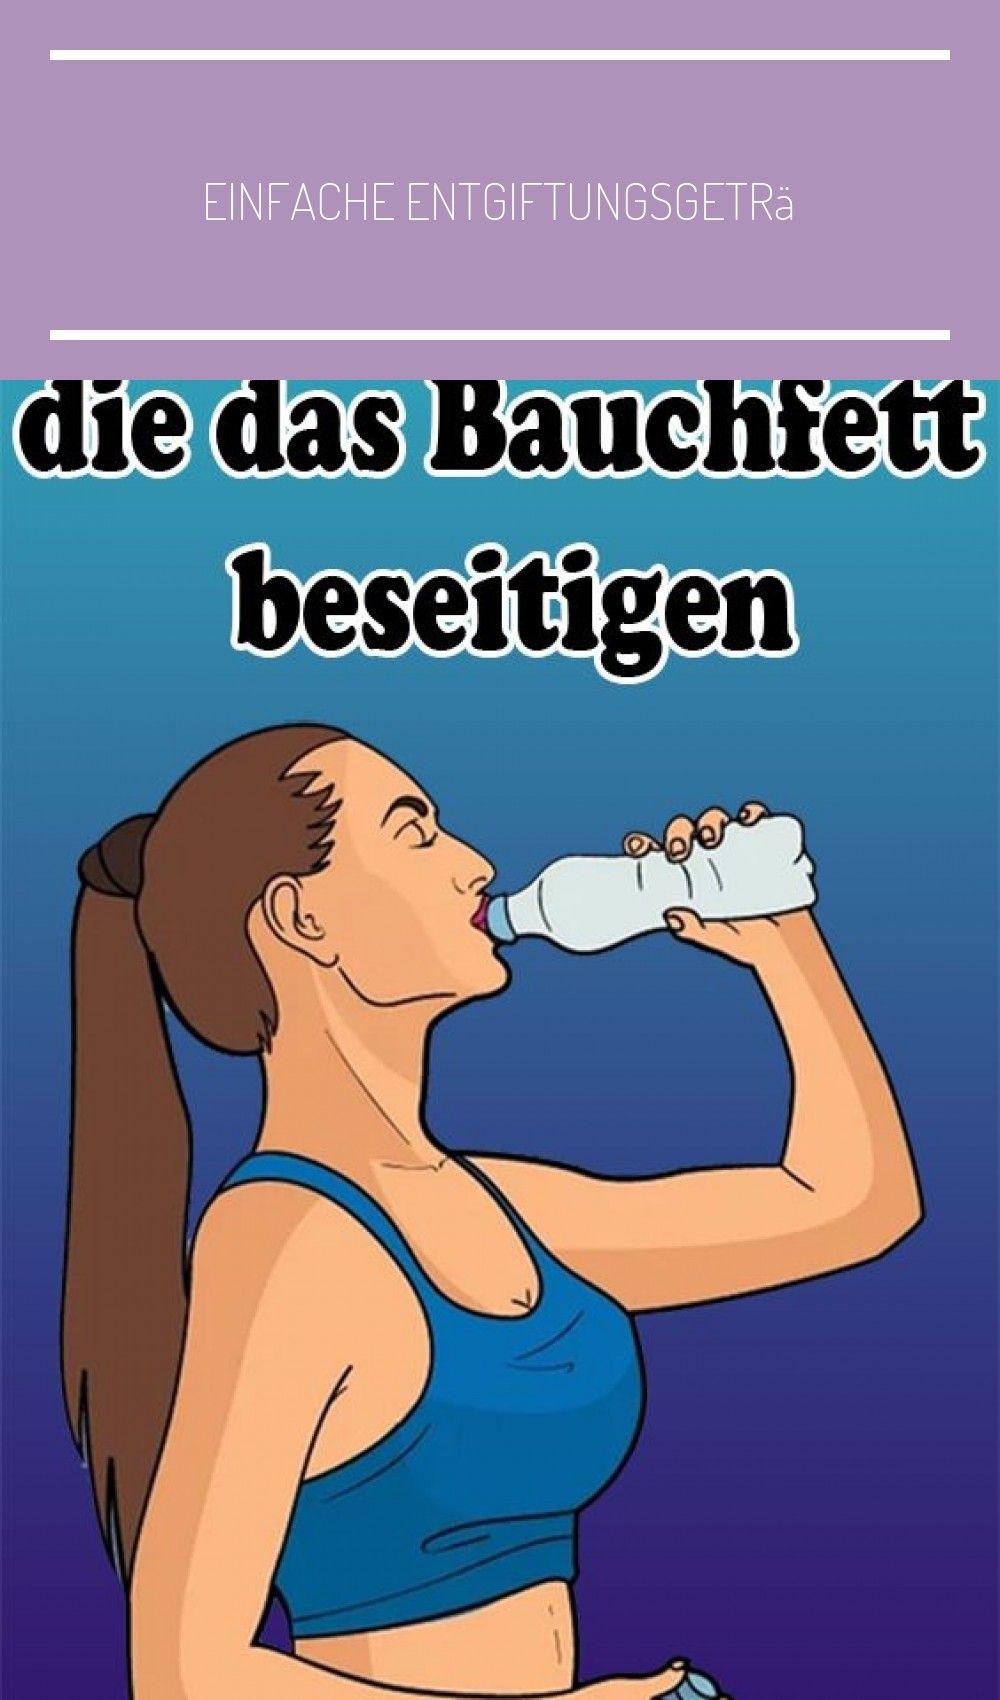 Einfache Entgiftungsgetränke, die das Bauchfett beseitigen #detox drinks for we…